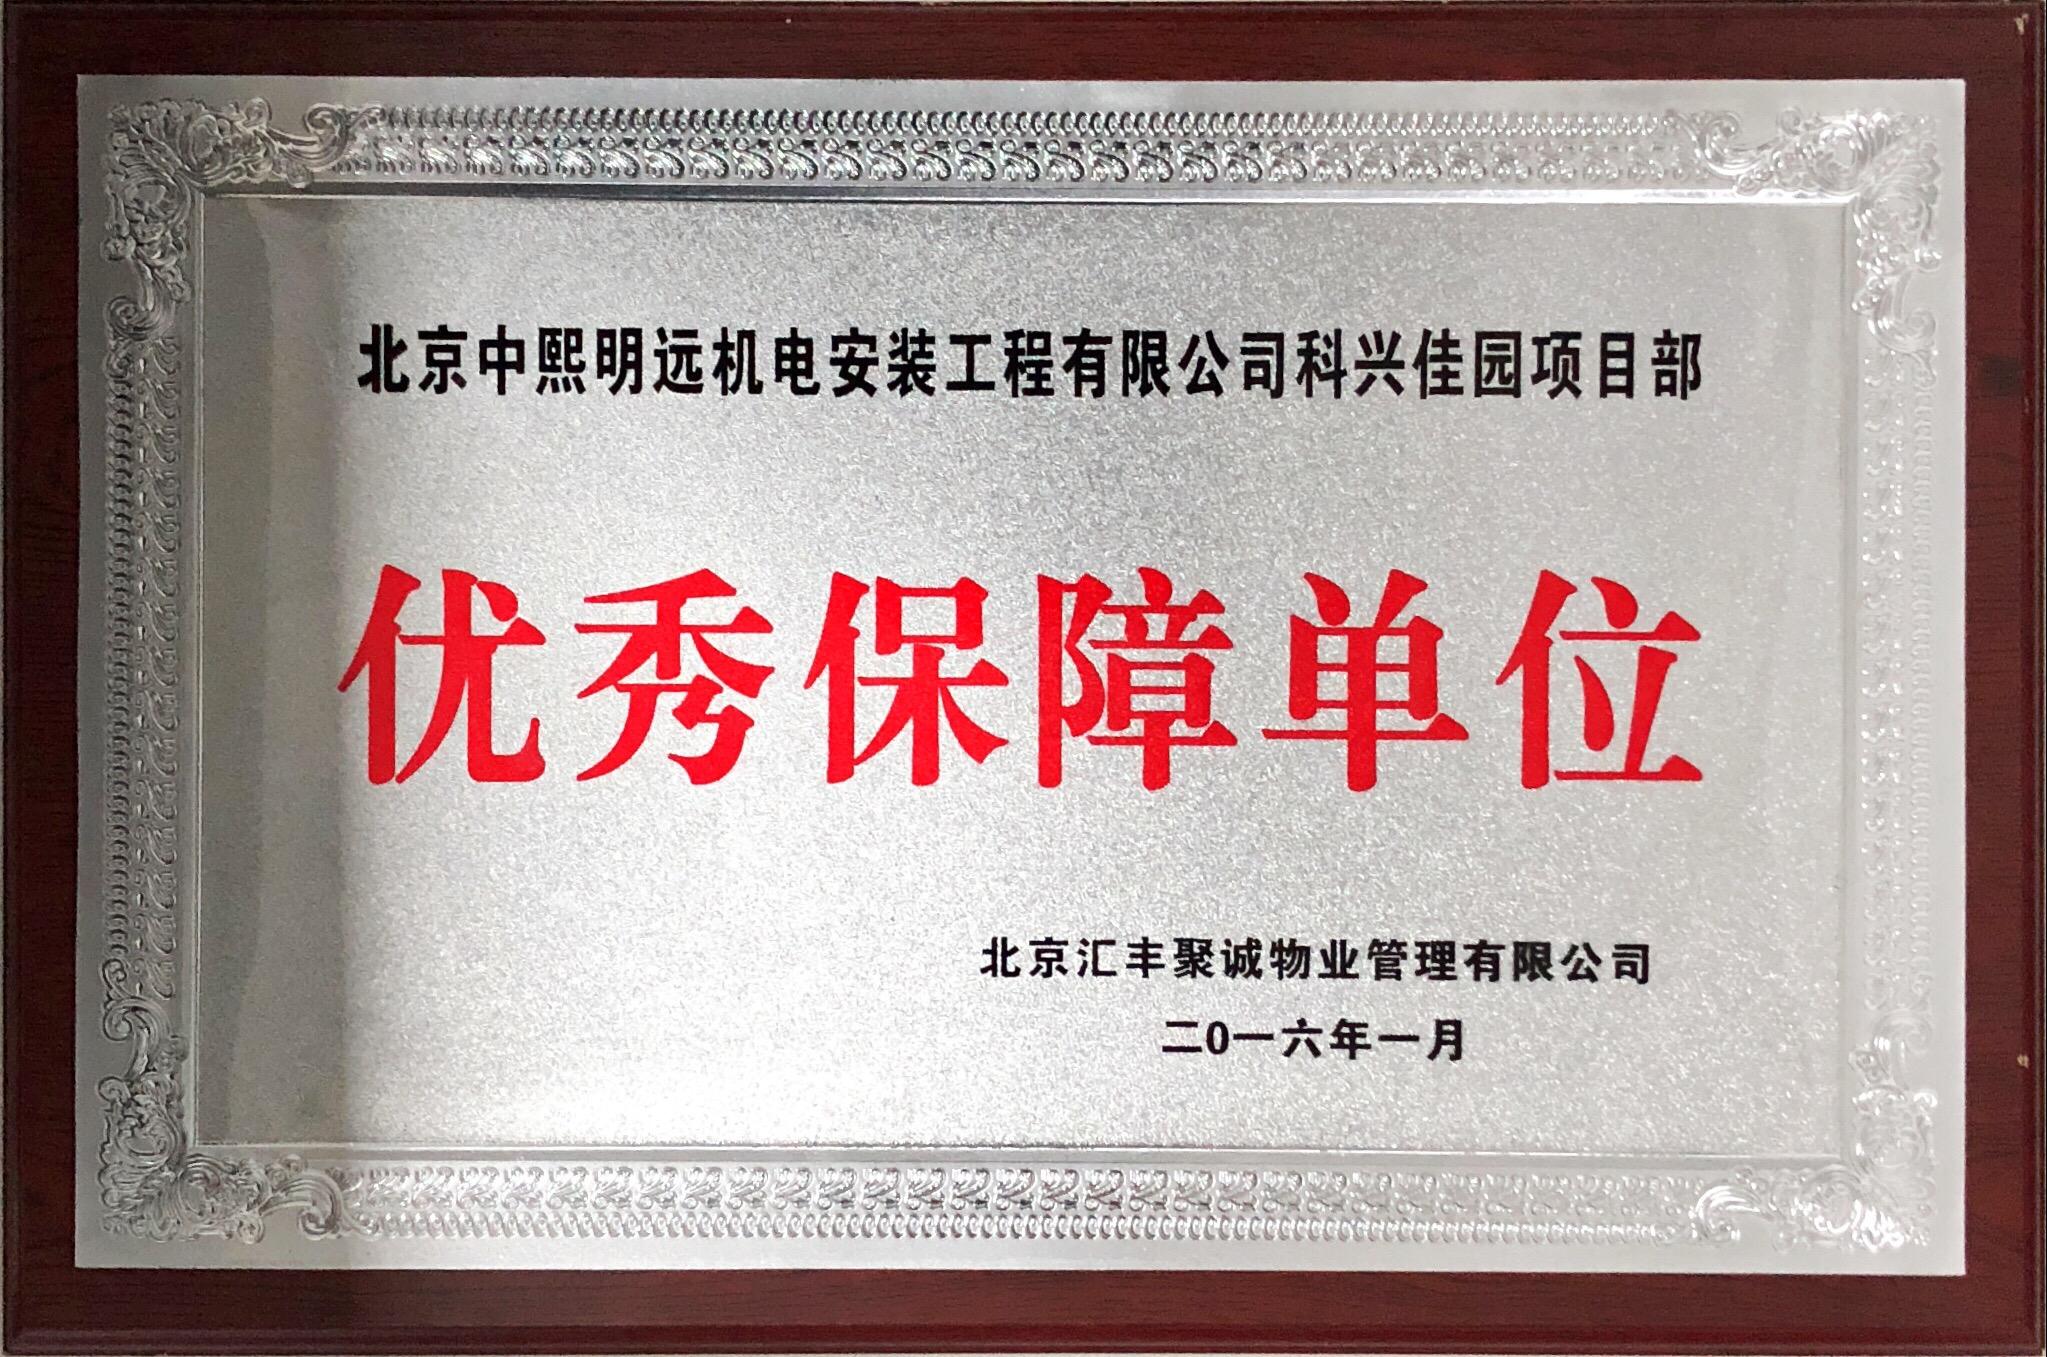 北京中熙明远电机安装工程有限公司科兴佳园项目部-优异保障单元2016